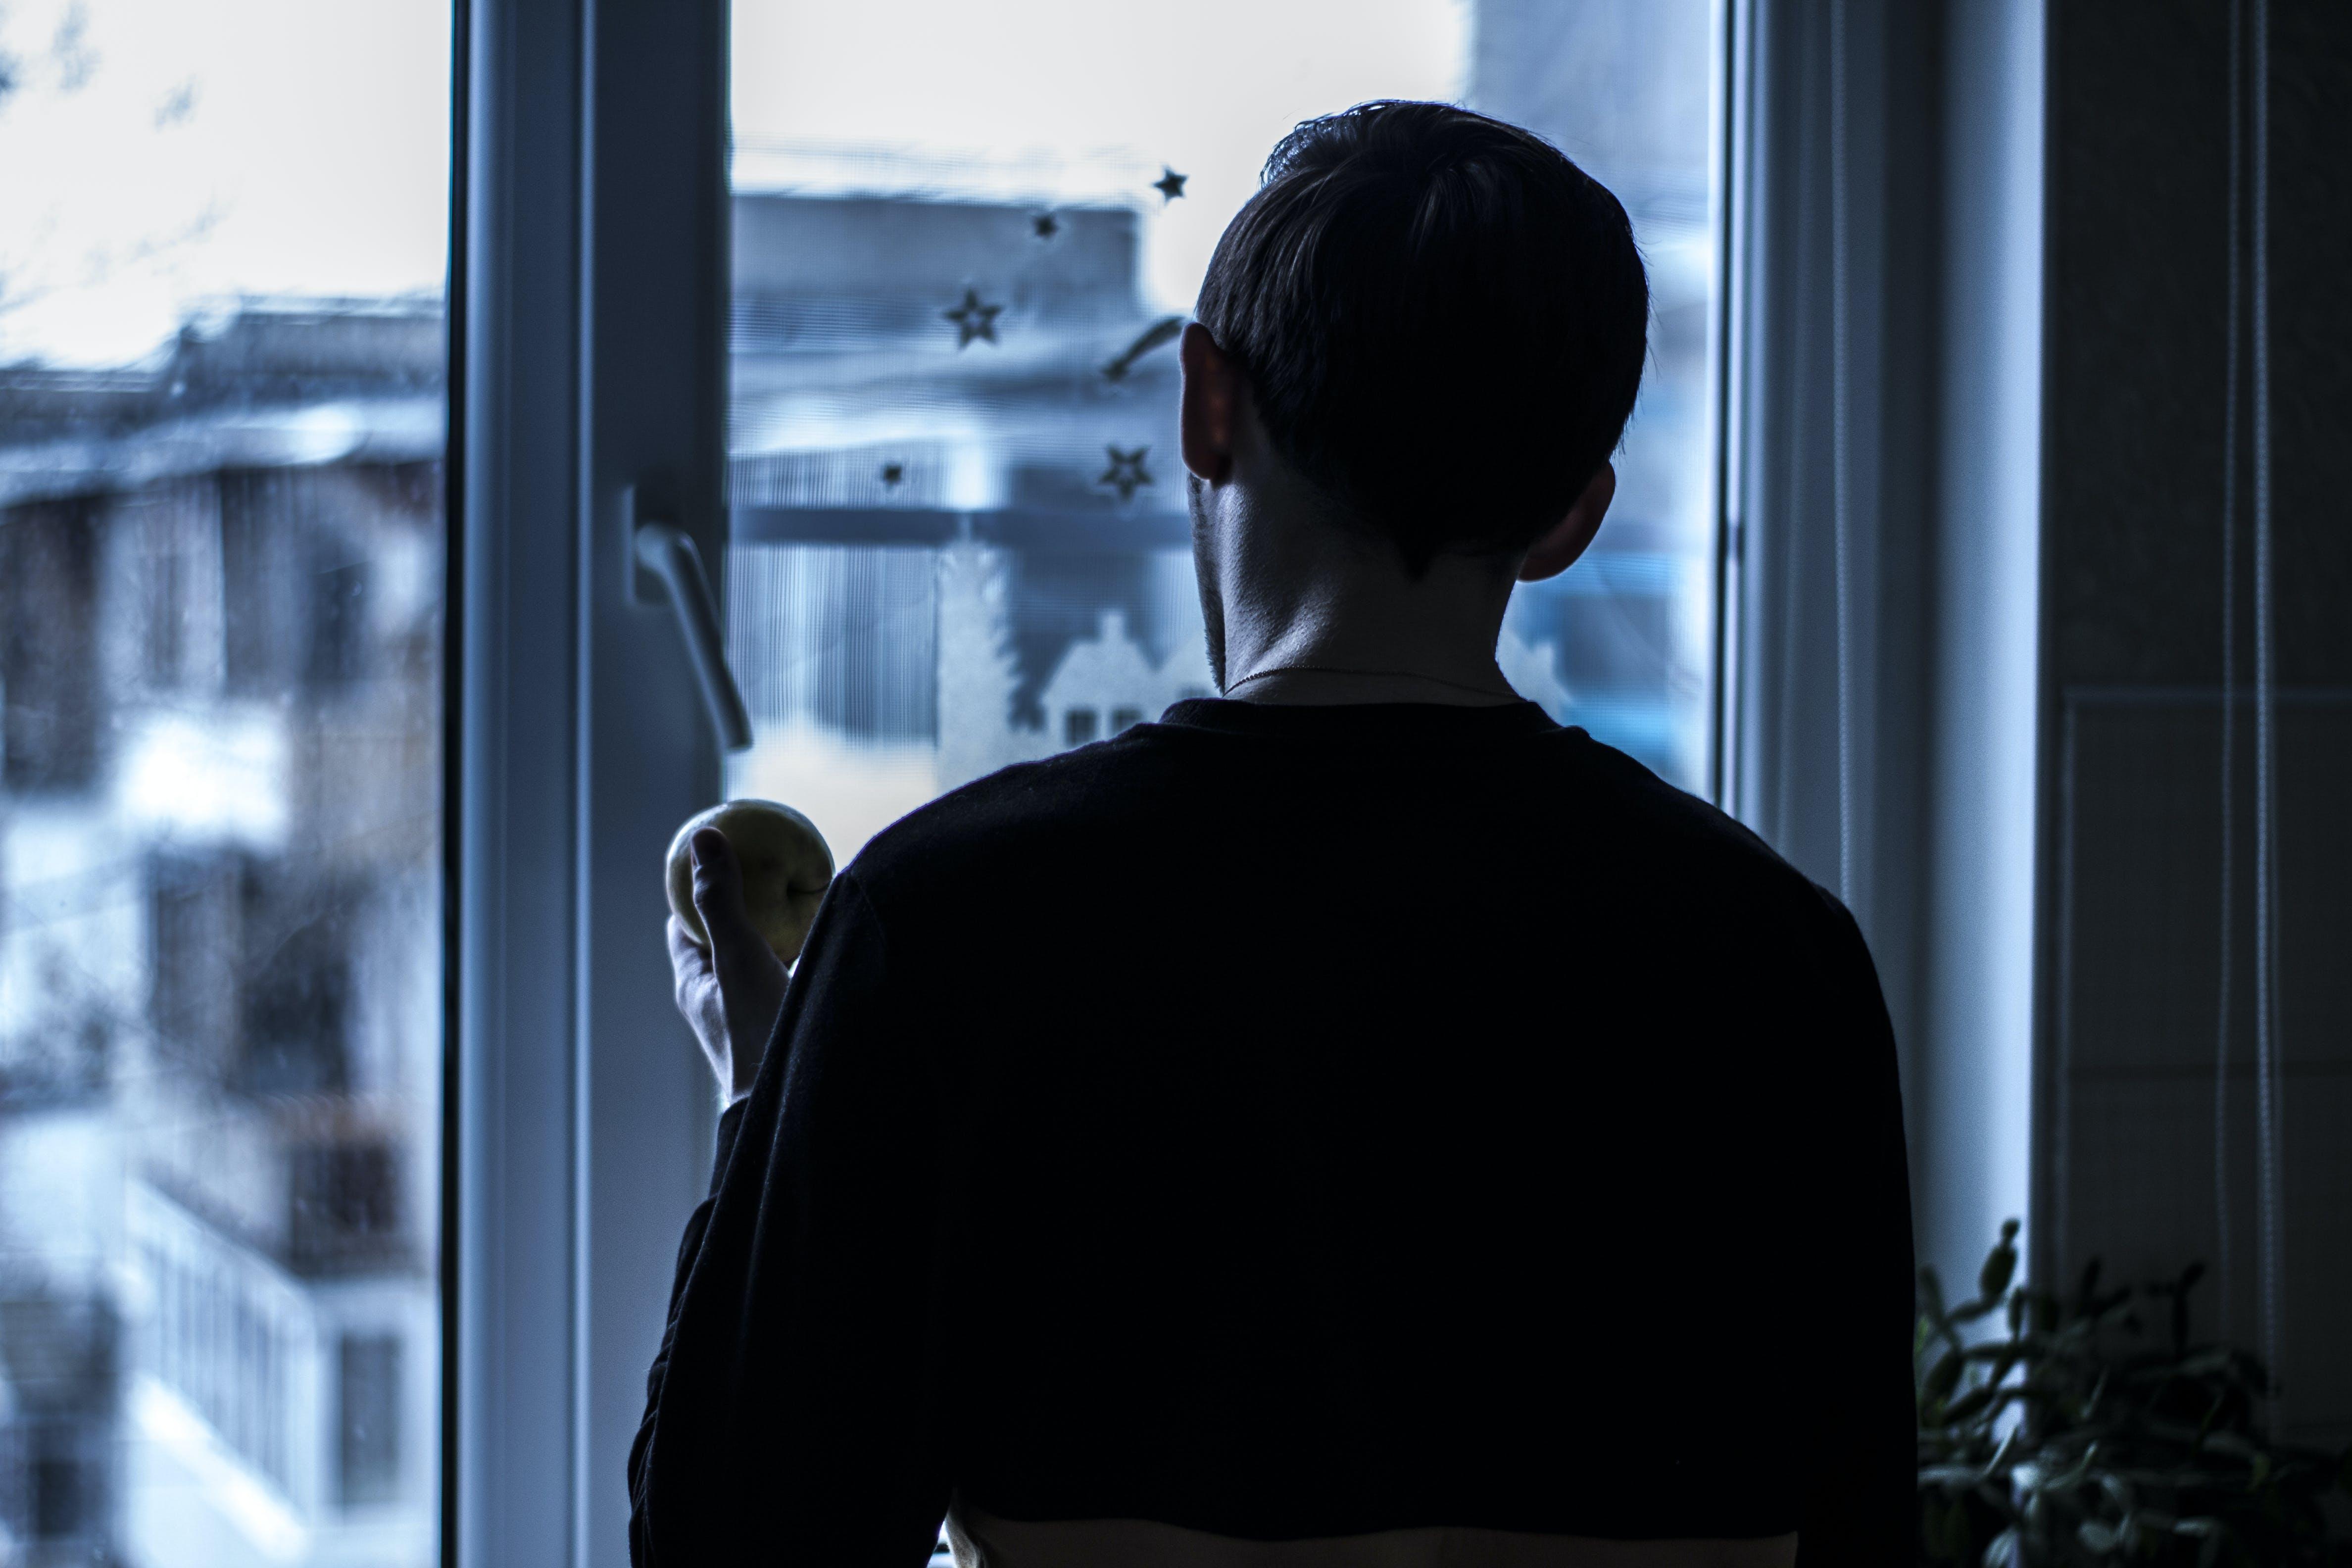 Man Looking Outside Near Clear Glass Window